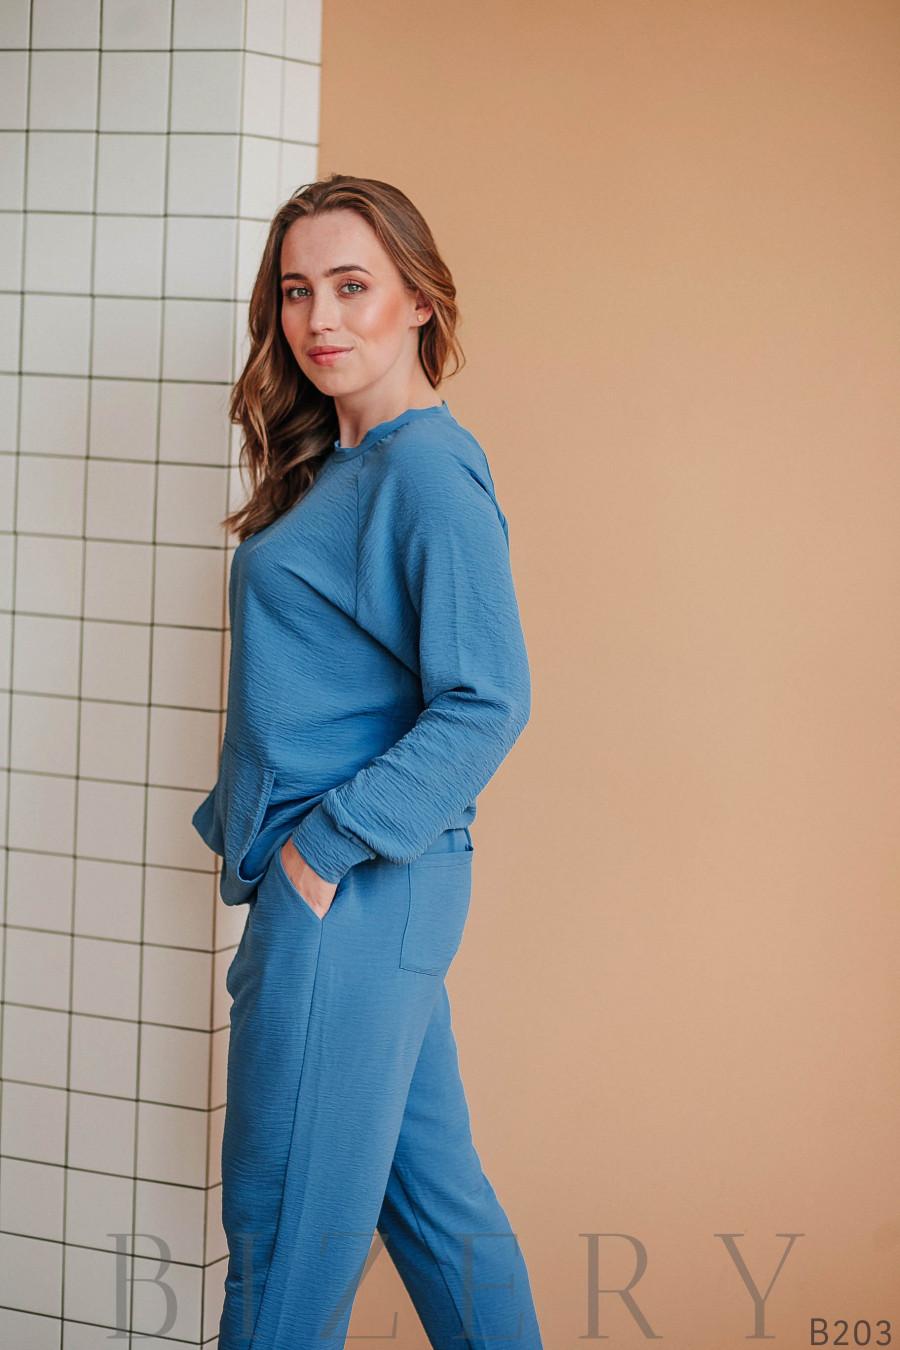 Повседневный костюм полу-спорт джинсового цвета